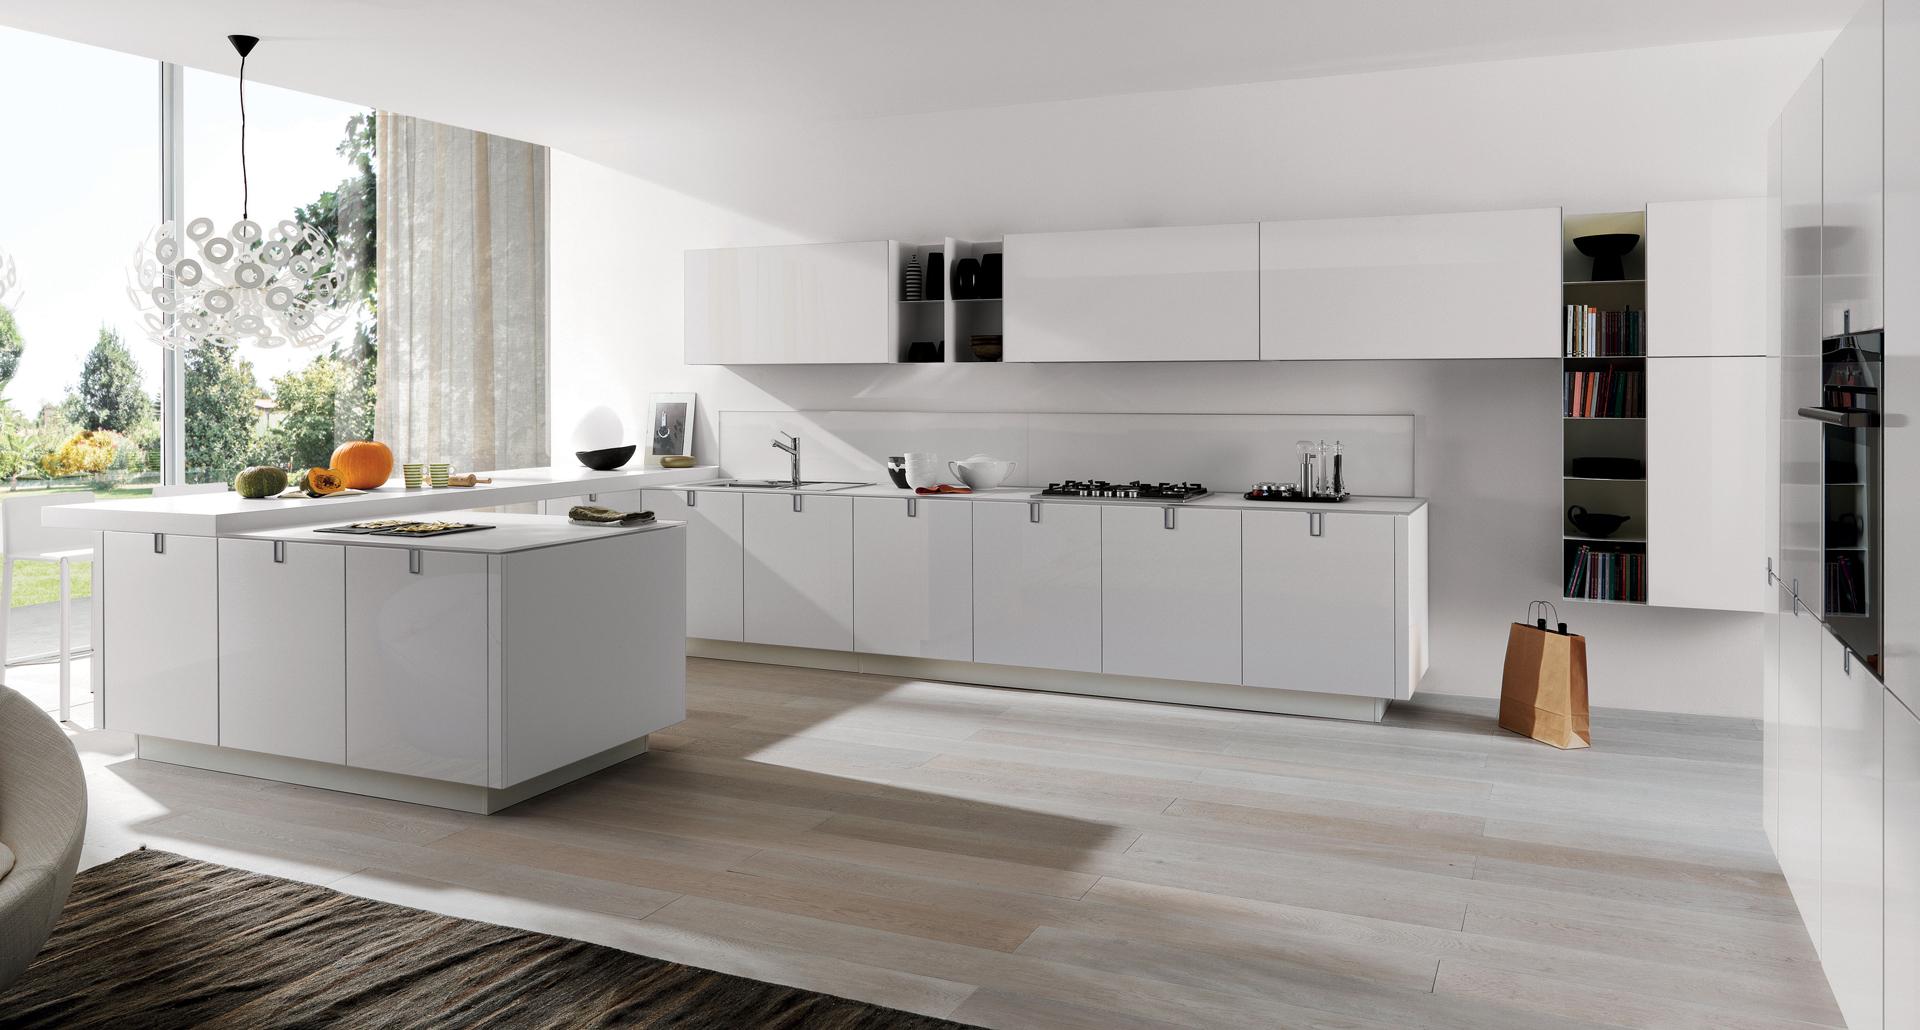 Euromobil cucine 12 galassia interior design for Interior design cucine